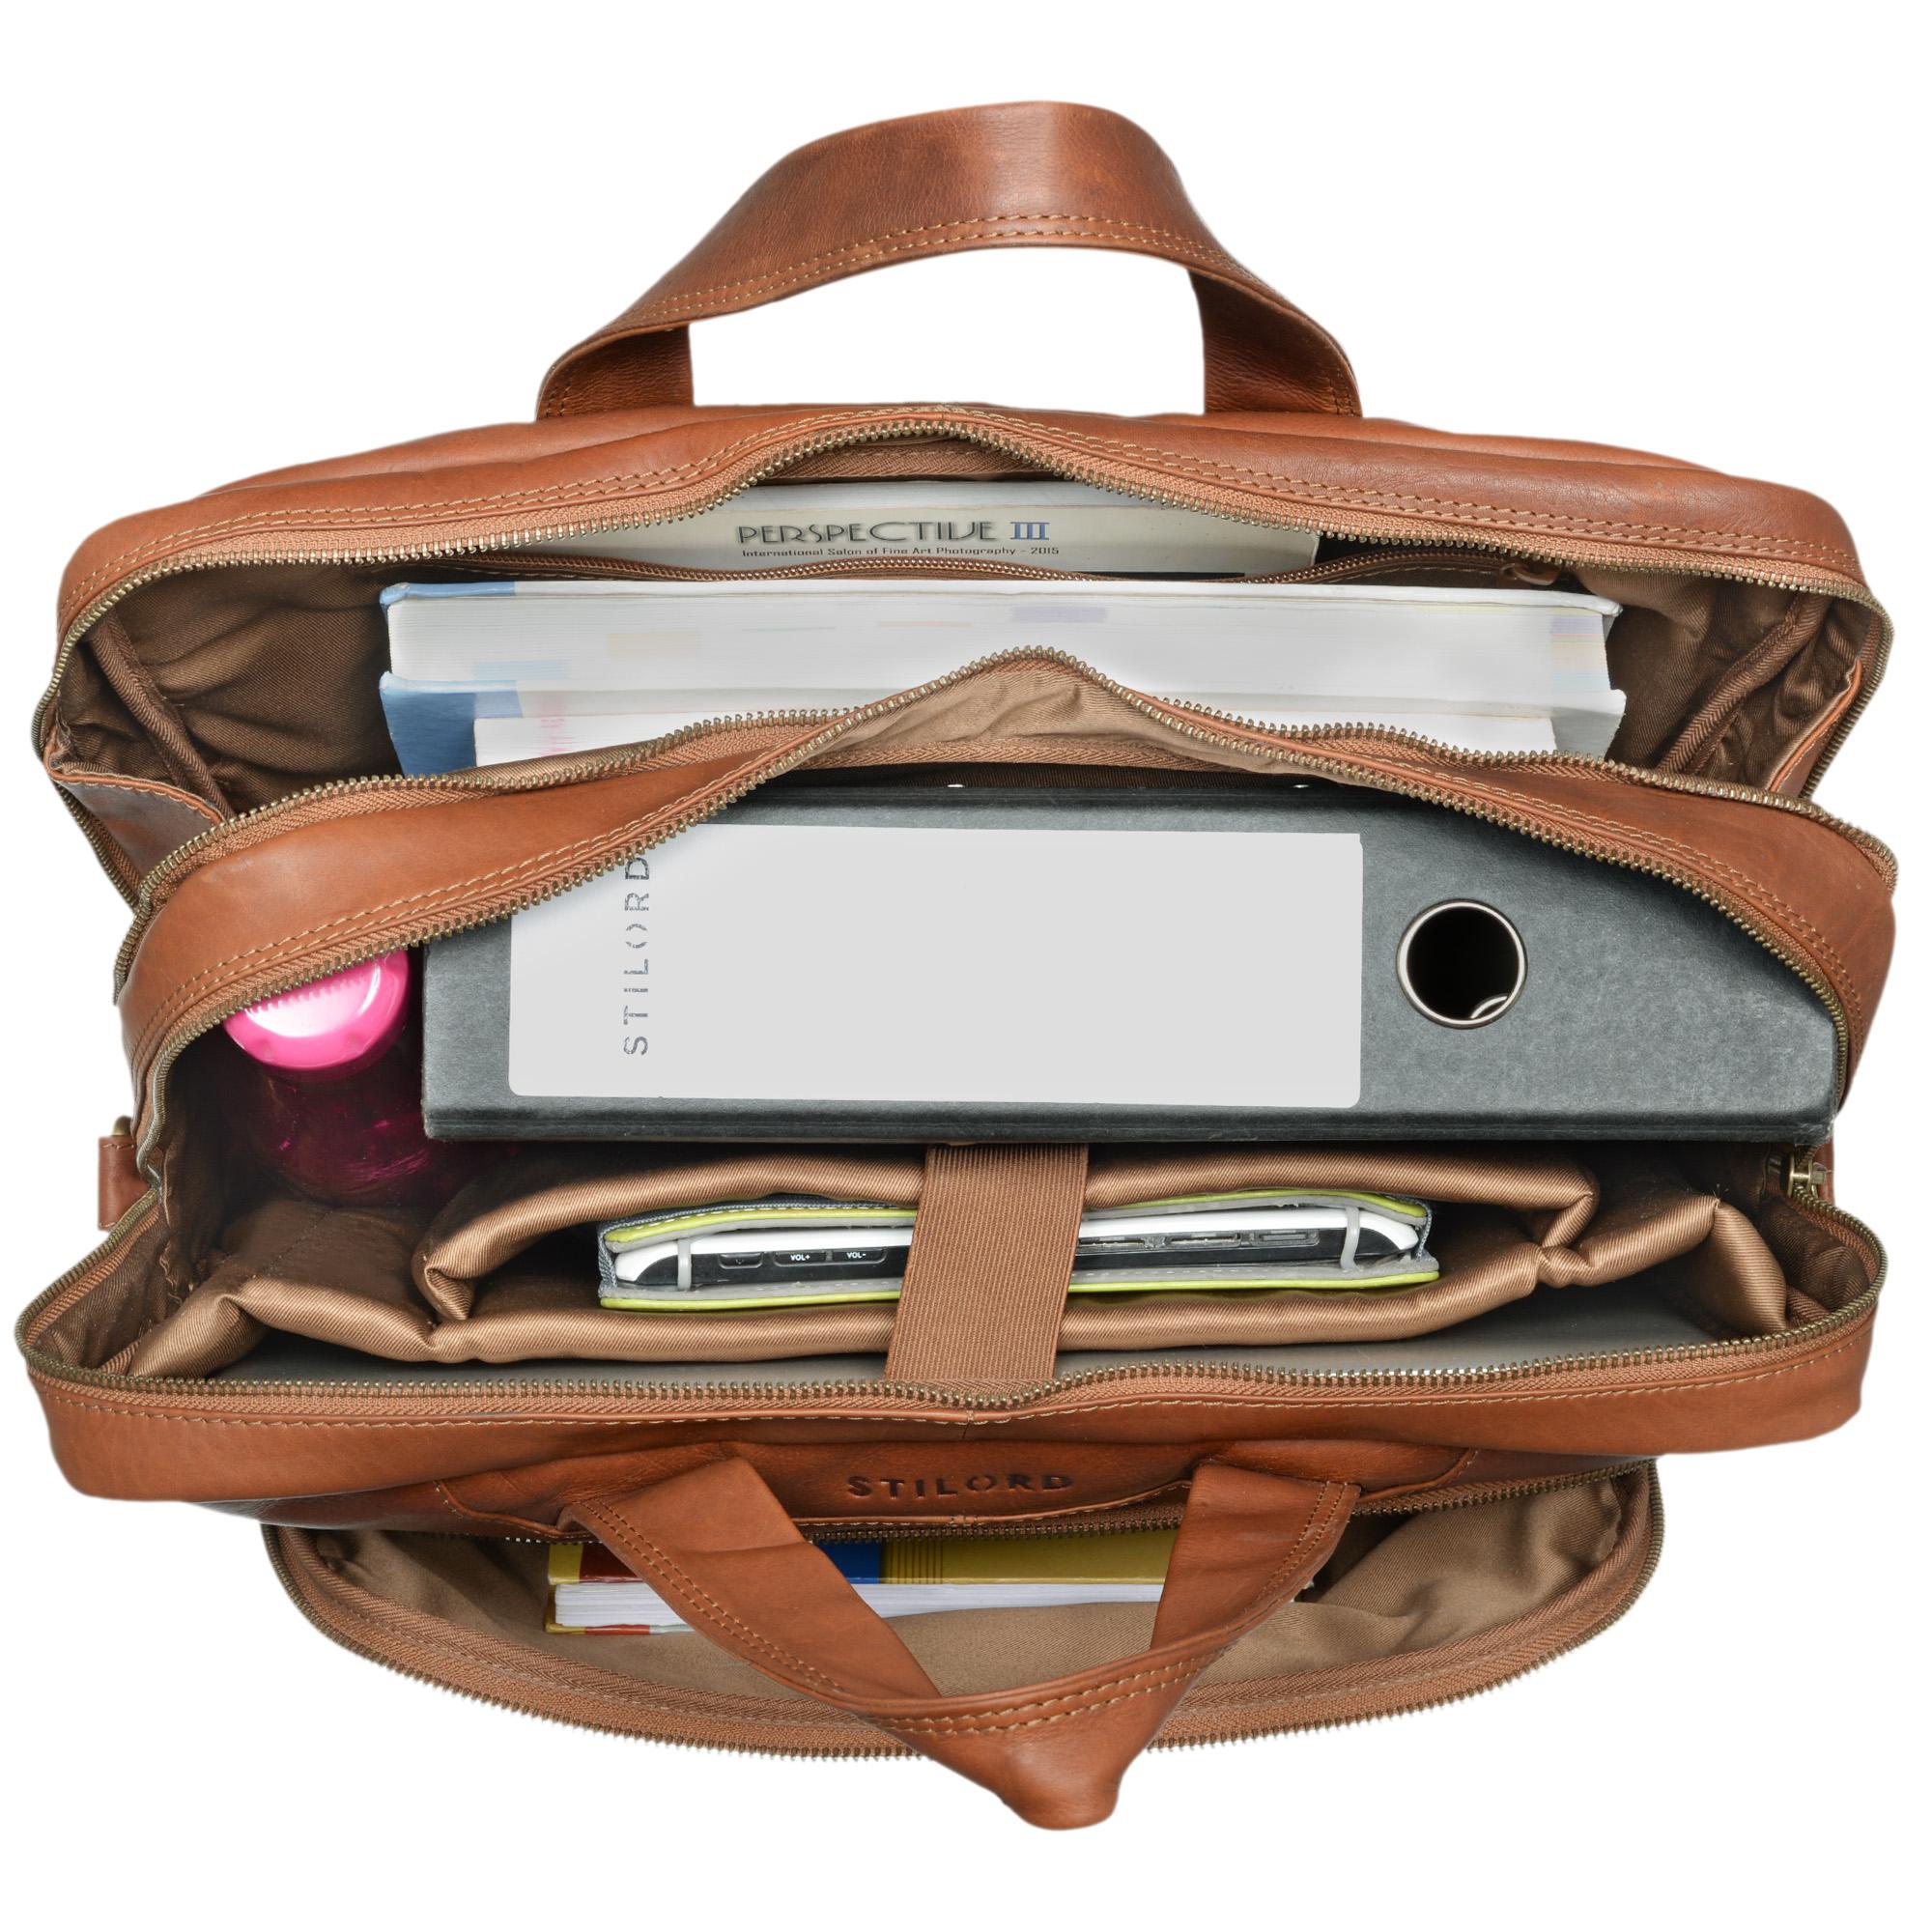 """STILORD """"Alan"""" Leder Umhängetasche groß Herren Damen Vintage 15,6 Zoll Laptoptasche XL Arbeitstasche Lehrertasche Arbeit Büro Uni echtes Leder  - Bild 5"""